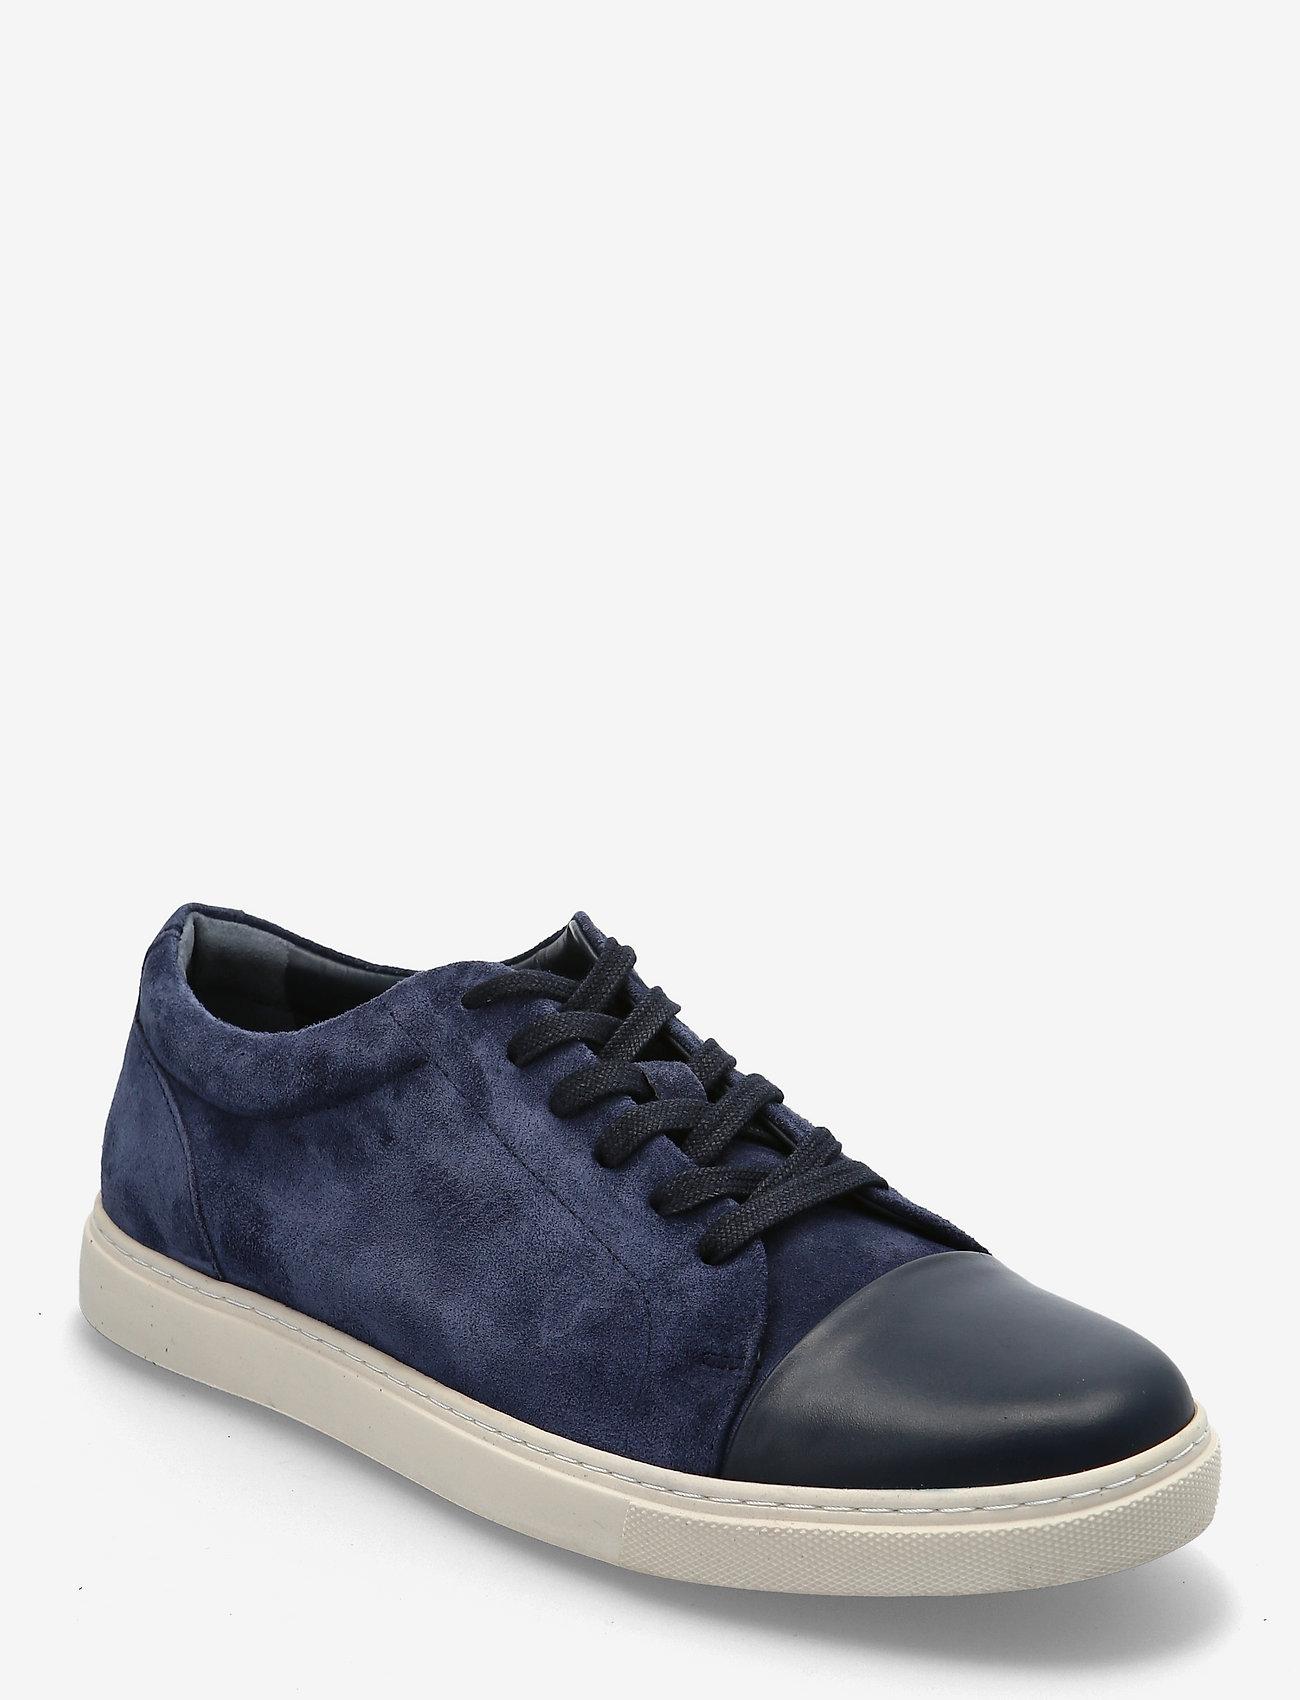 Allen Edmonds - Cooper - låga sneakers - navy - 0